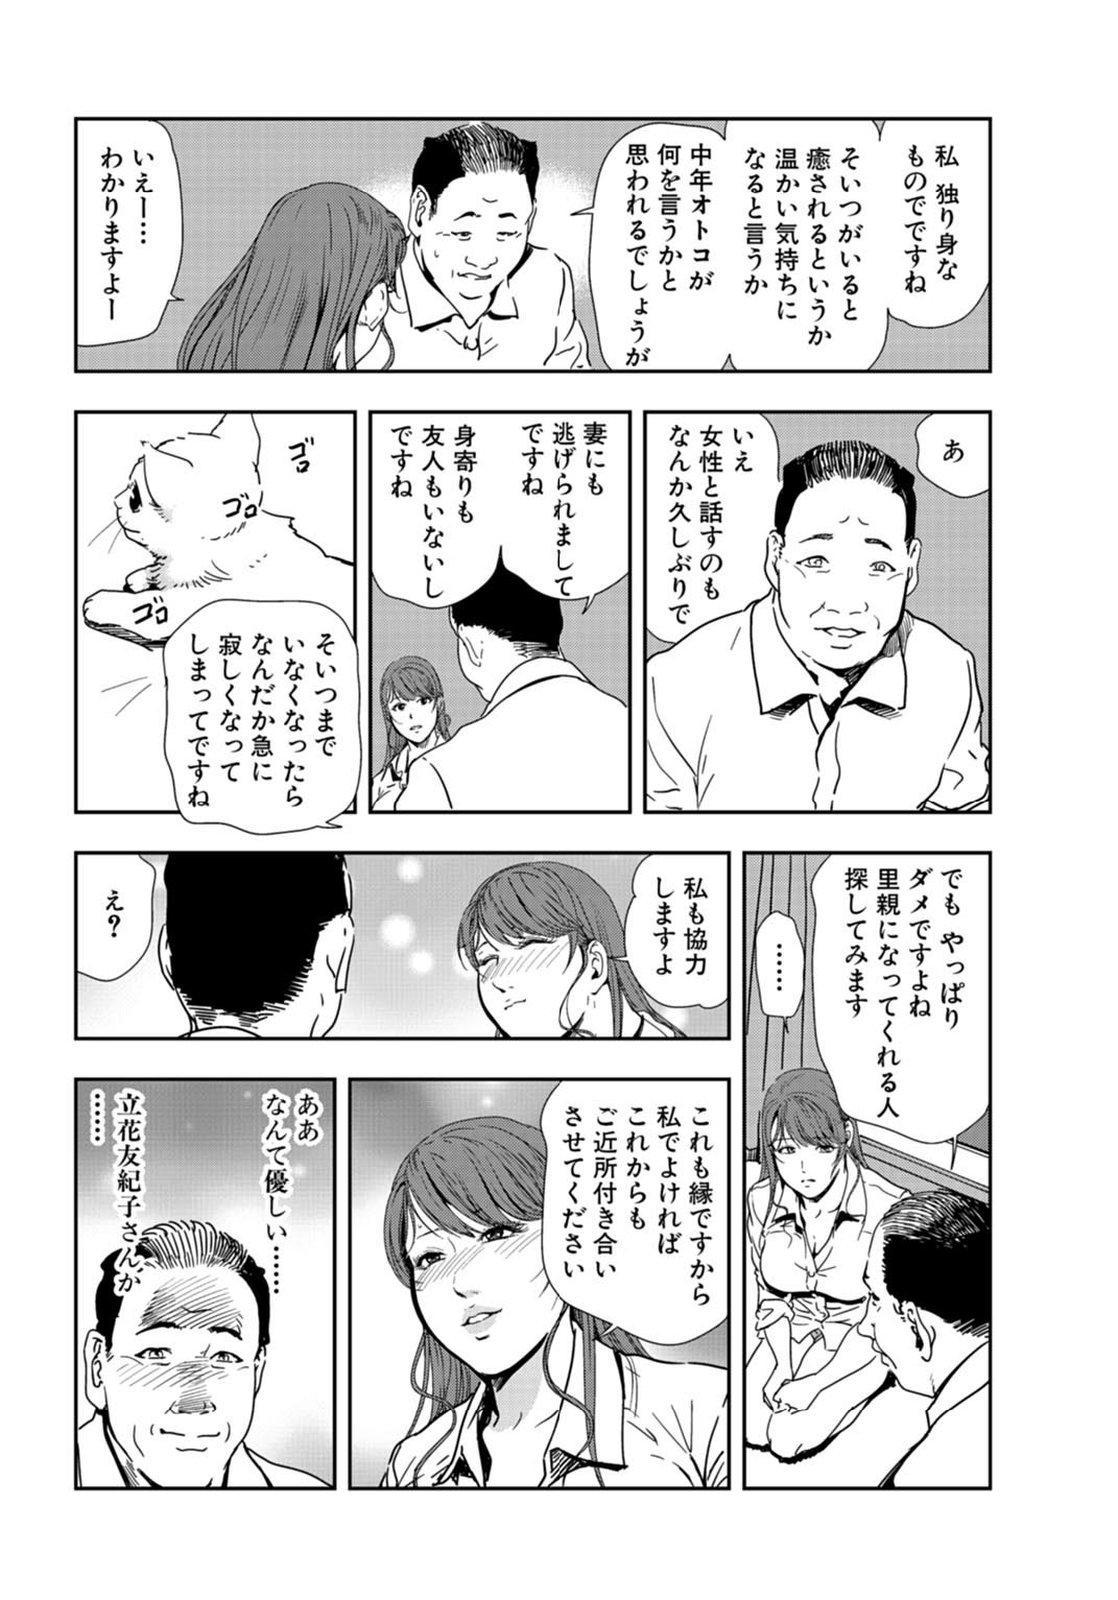 Nikuhisyo Yukiko 21 59